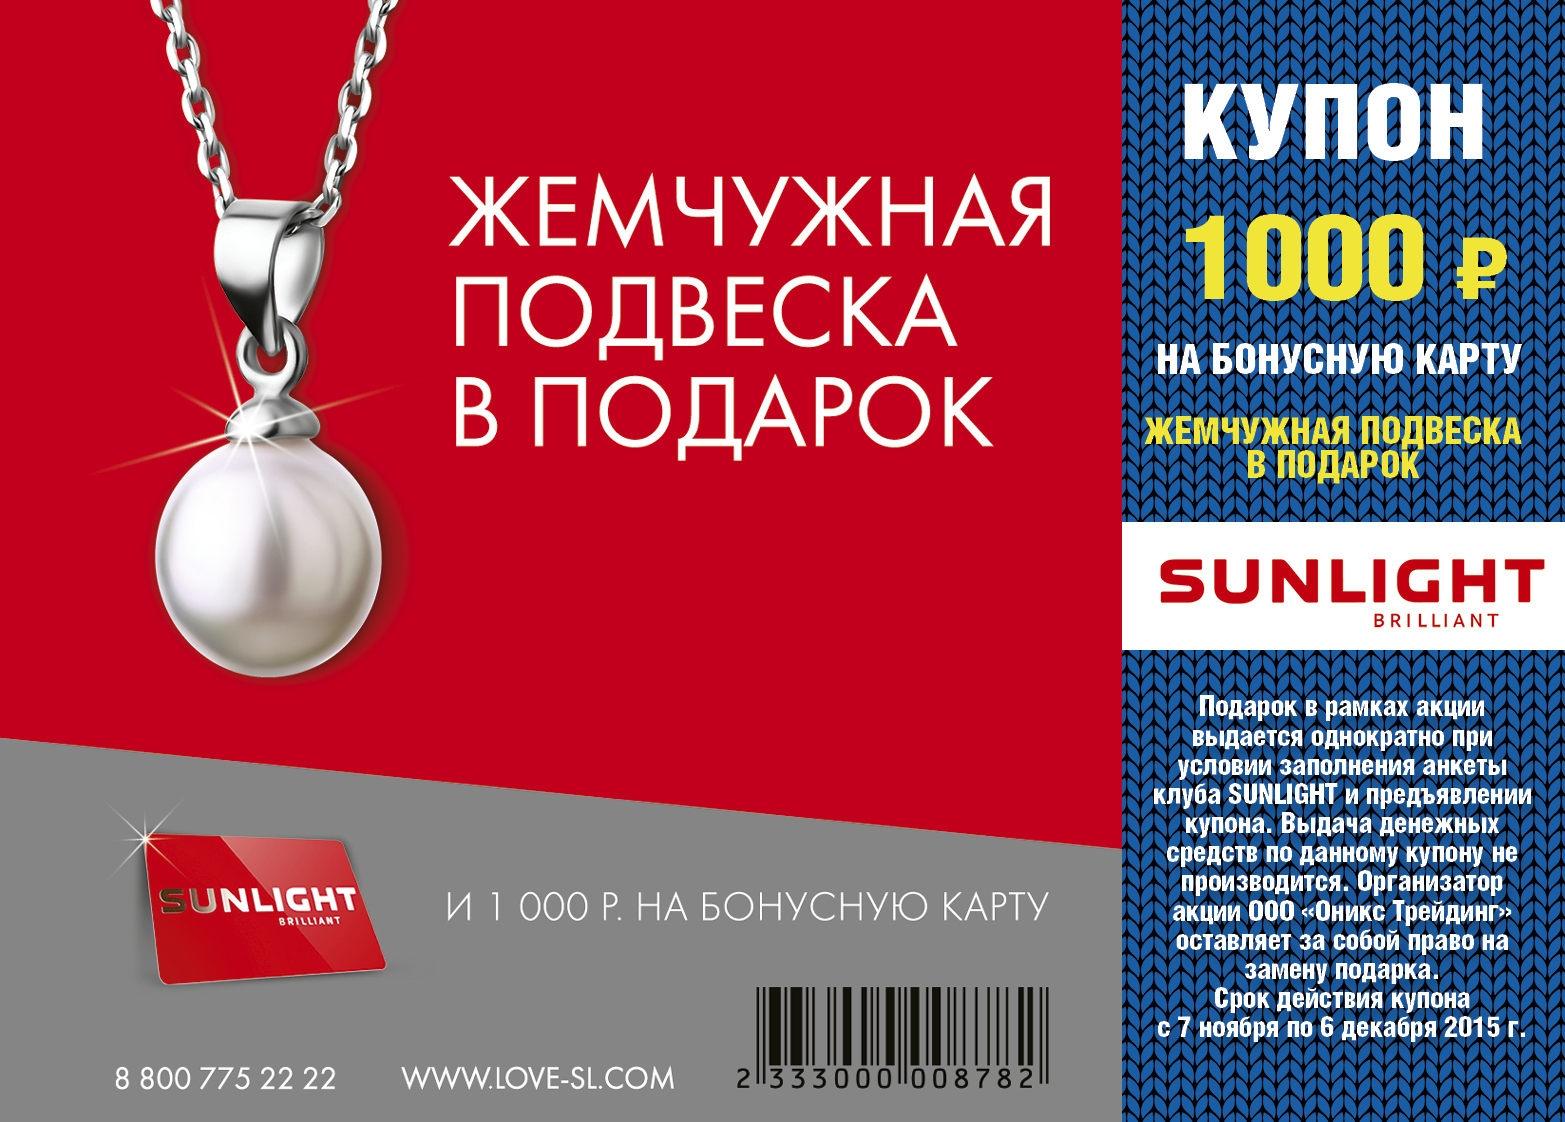 Подвеска Подарок в подарок (Промокод) - акция от SUNLIGHT